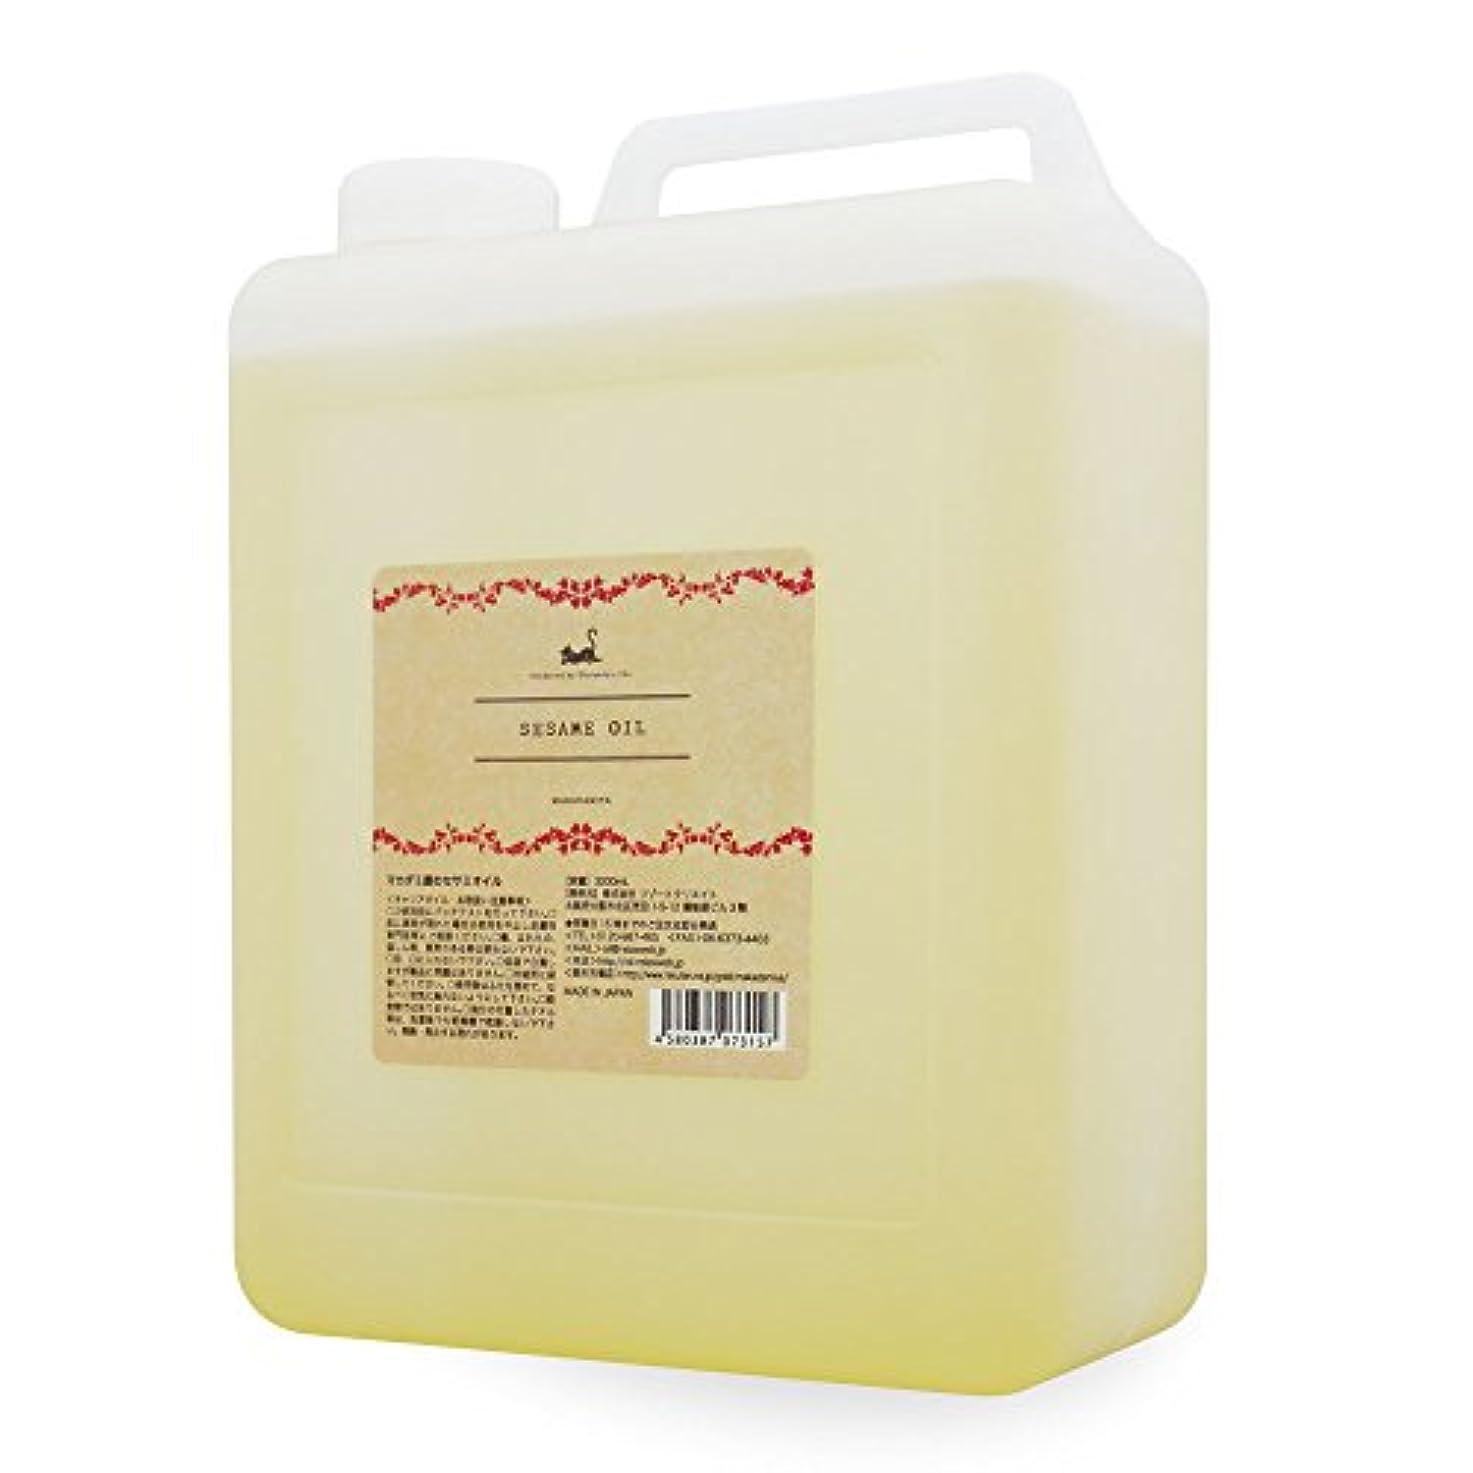 オリエンタル消す限りなくセサミオイル3000ml (白ゴマ油/コック付) 高級サロン仕様 マッサージオイル キャリアオイル (フェイス/ボディ用) 業務用?大容量